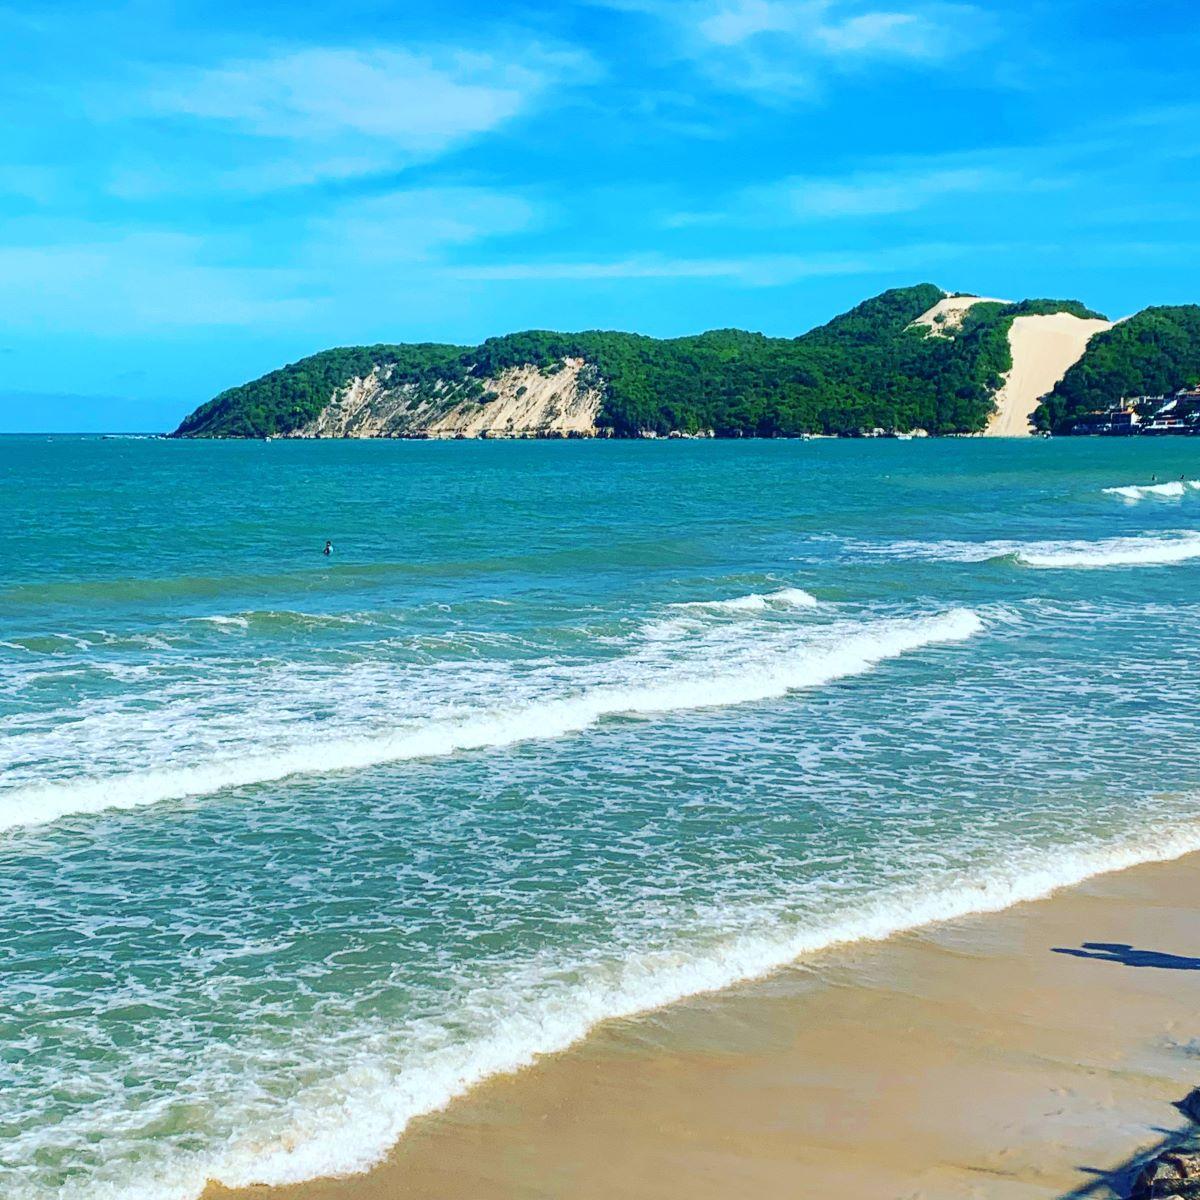 mar e dunas de areia com vegetação nativa